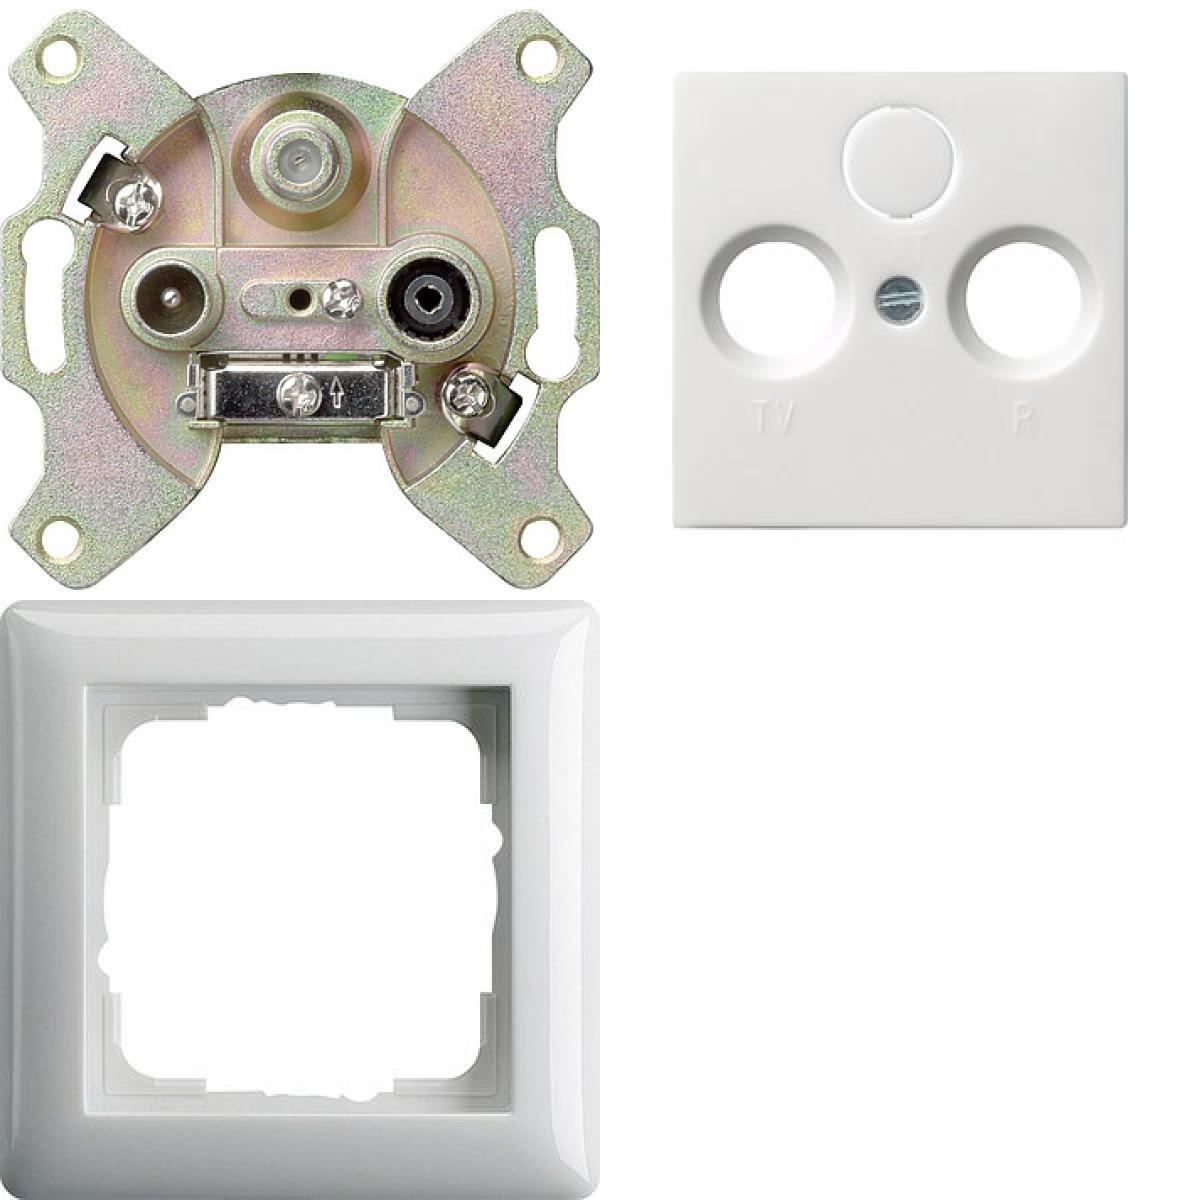 Hervorragend Komplett-Set Gira Standard 55 Rahmen, 1-fach - Reinweiß, glänzend  GW75